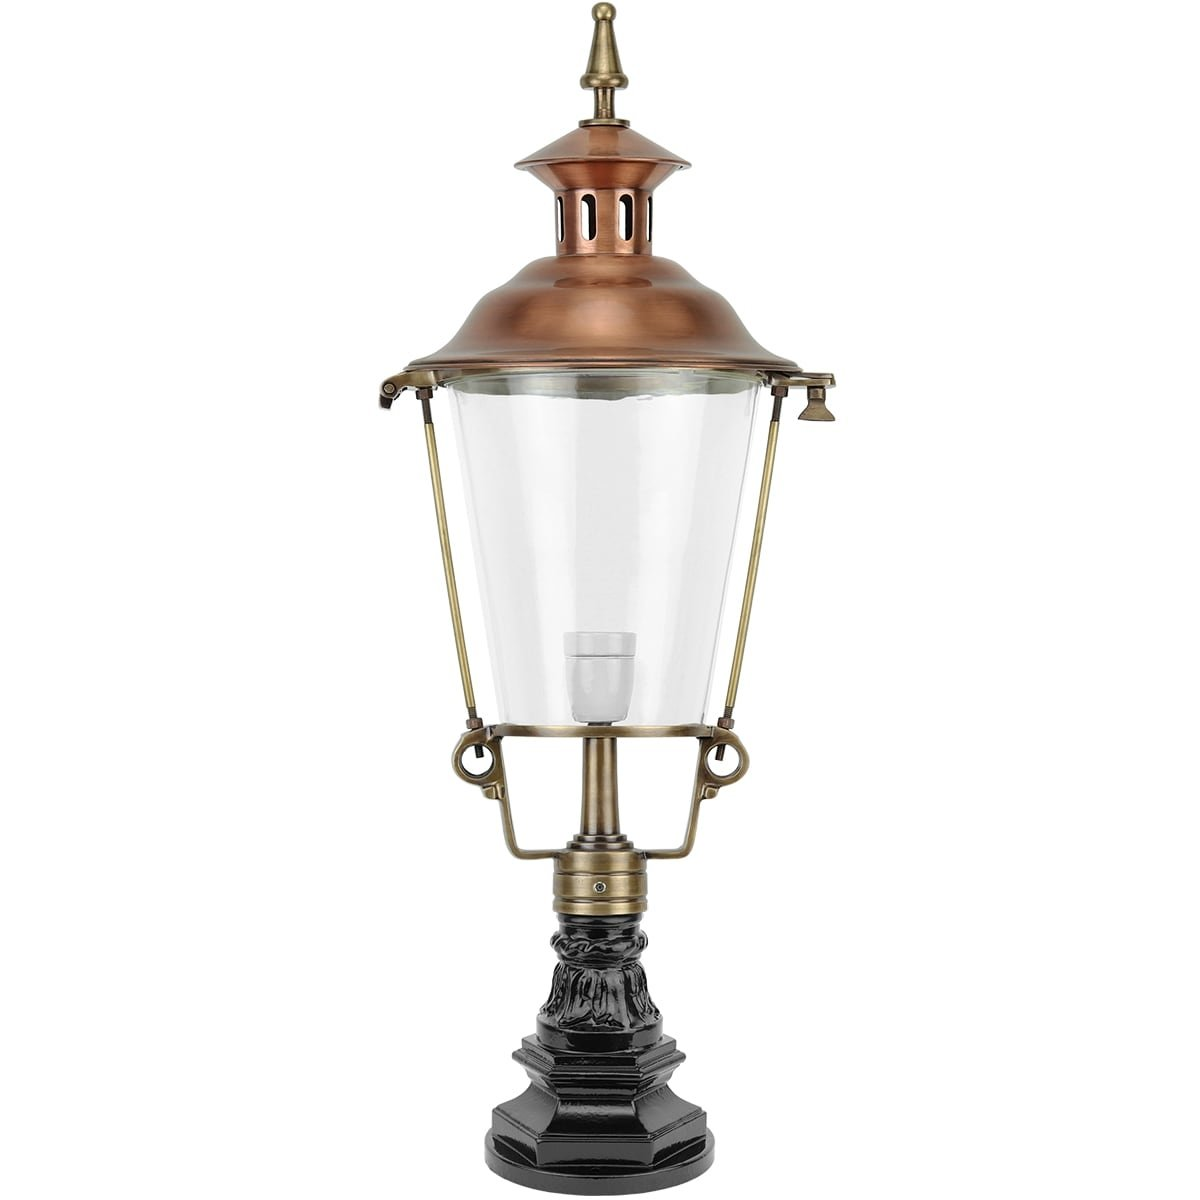 Buitenverlichting Klassiek Landelijk Poer lamp muiderberg brons - 81 cm